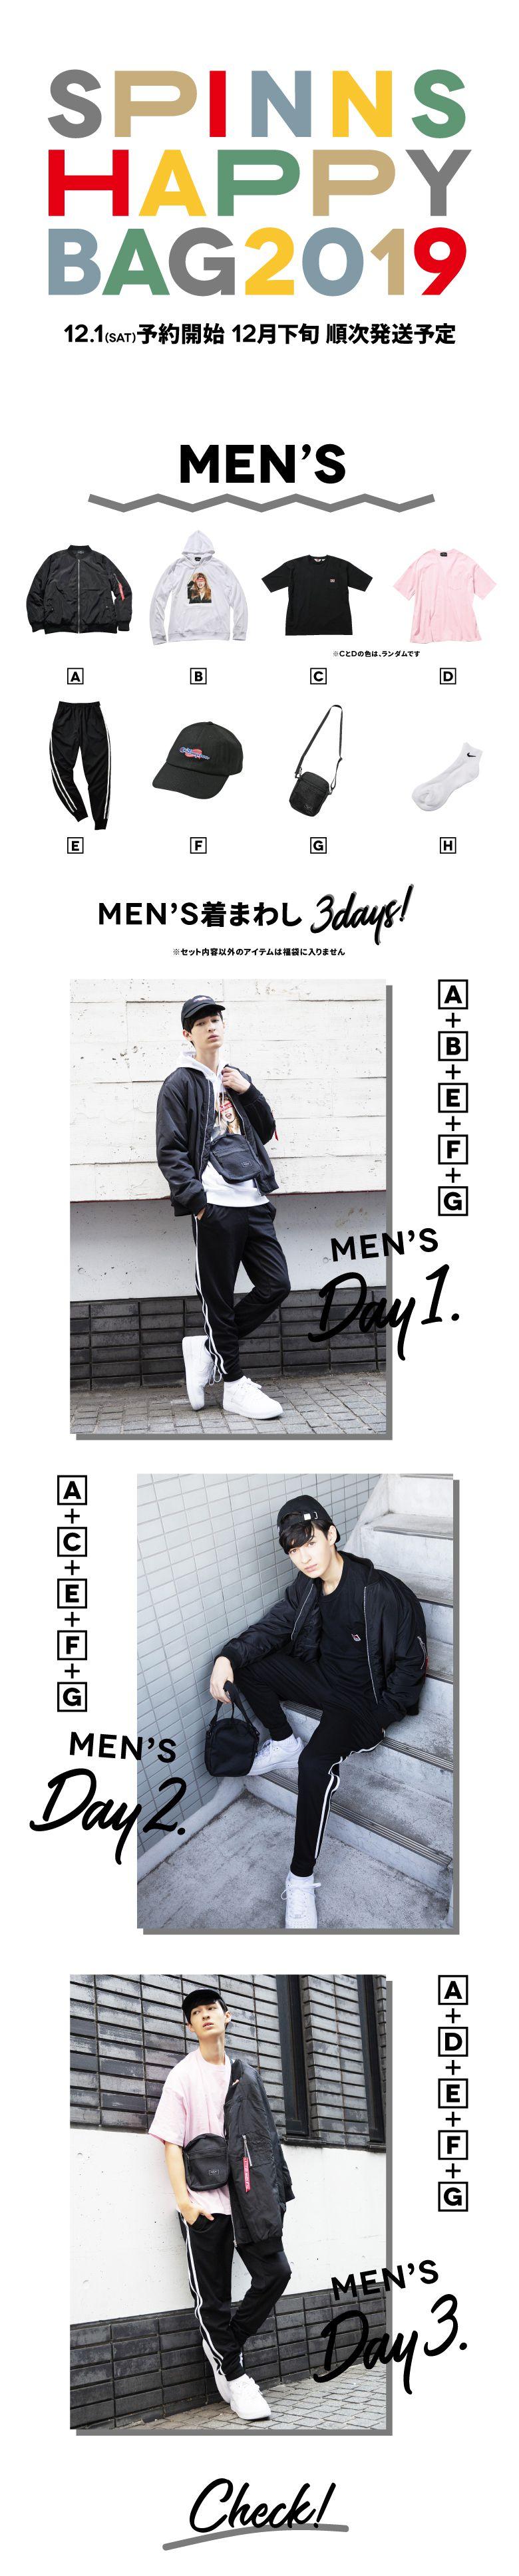 2019福袋 メンズ